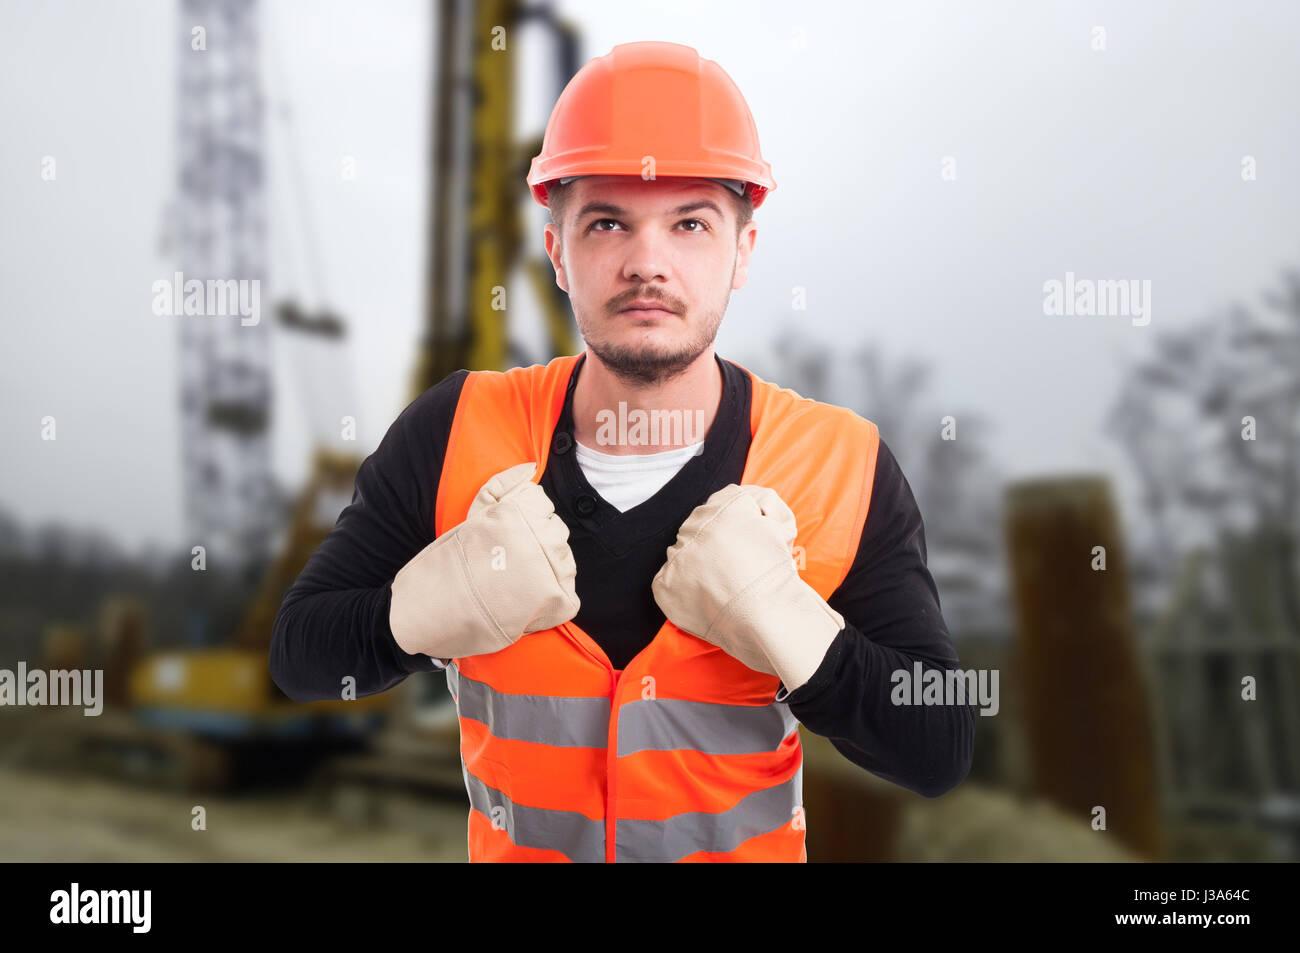 Gut aussehend Architekt in Schutz Uniform benimmt sich wie Superhelden im freien Stockbild